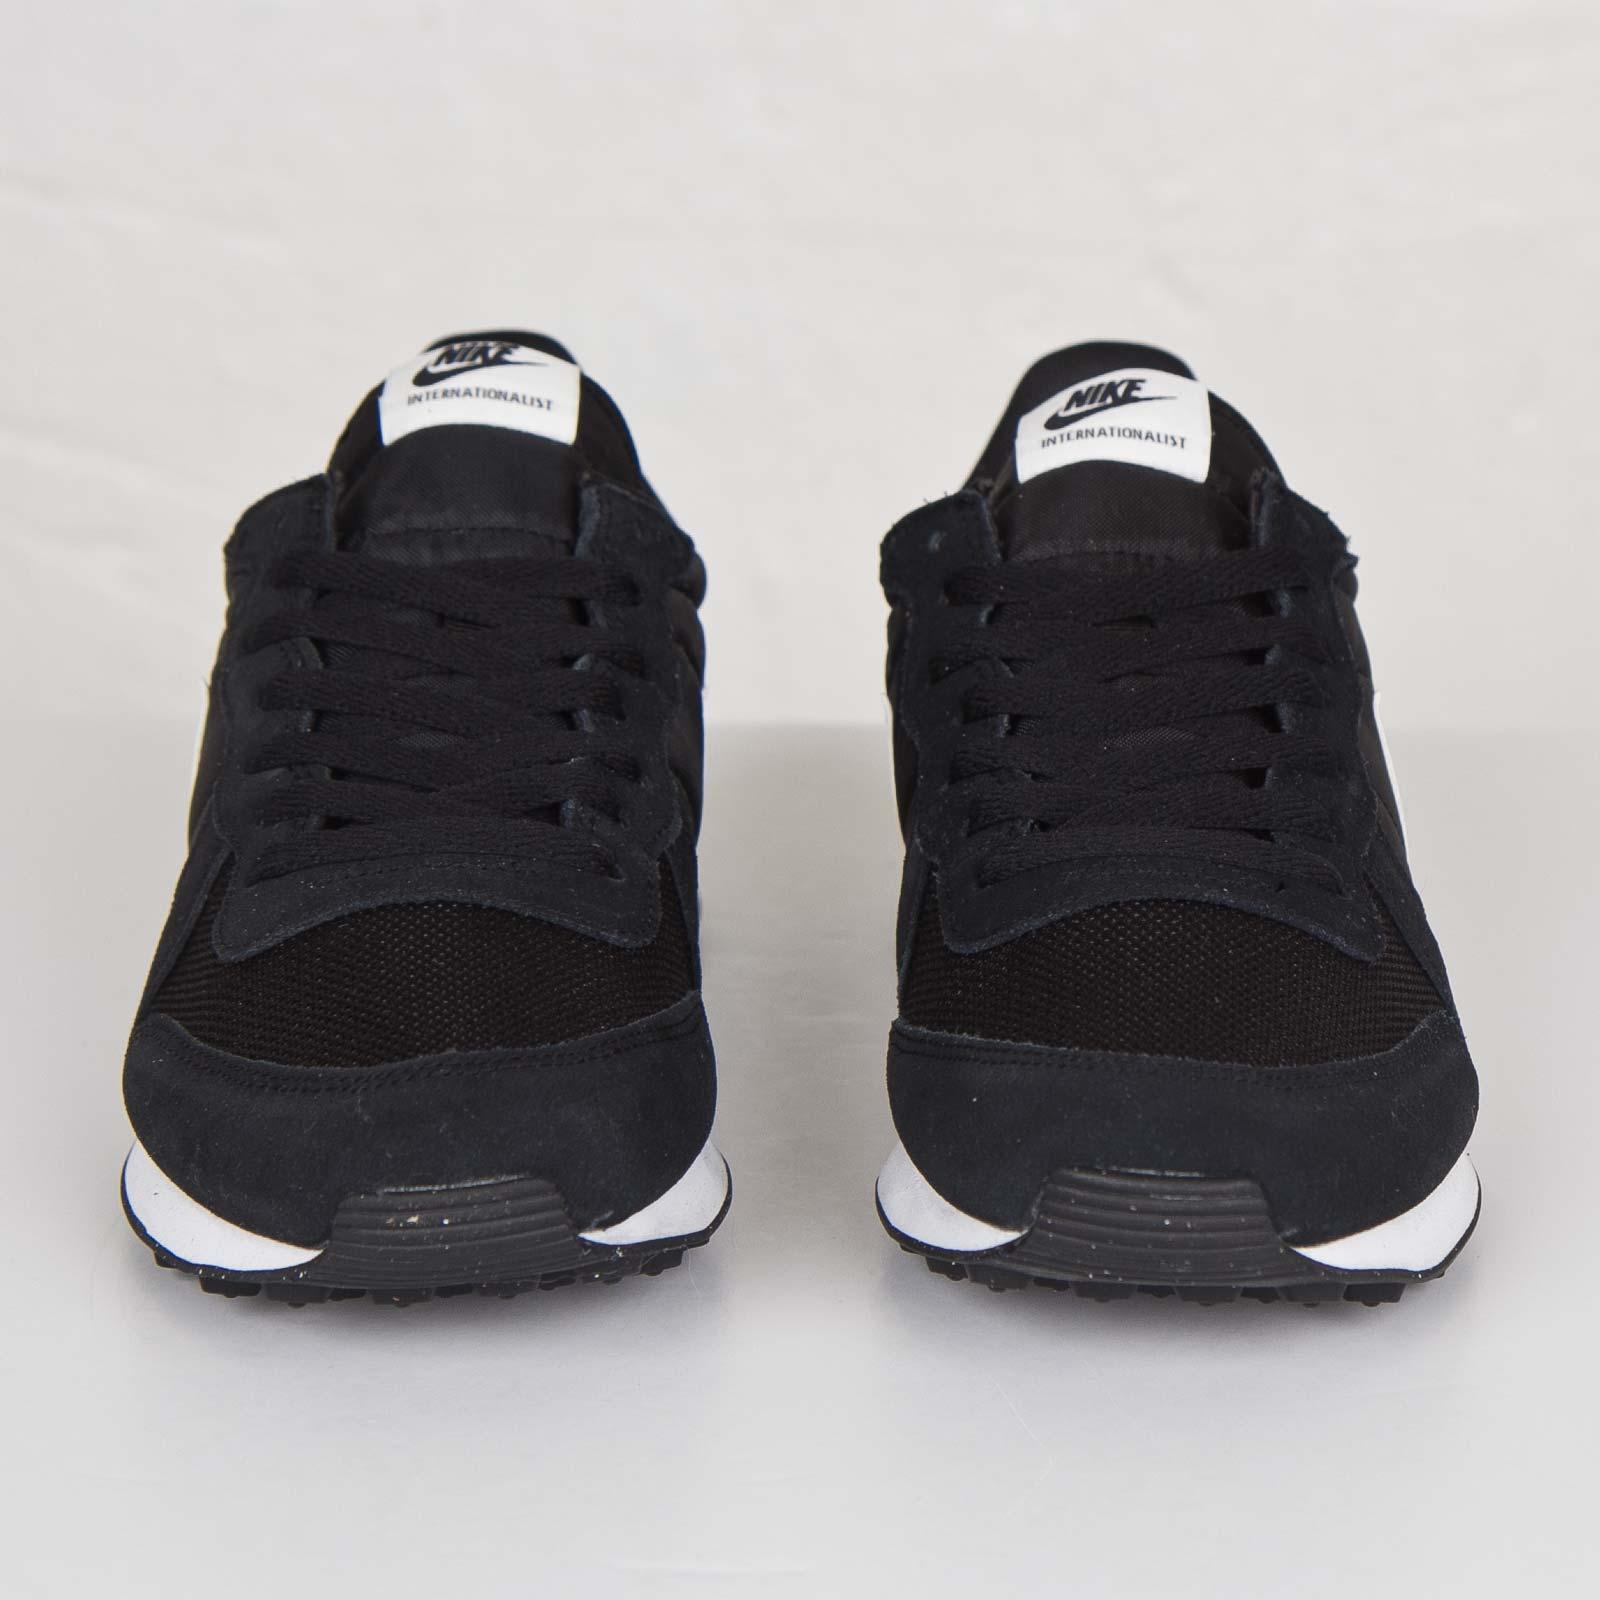 cheap for discount 7abf9 a8a59 Nike Internationalist - 631754-011 - Sneakersnstuff   sneakers   streetwear  online since 1999